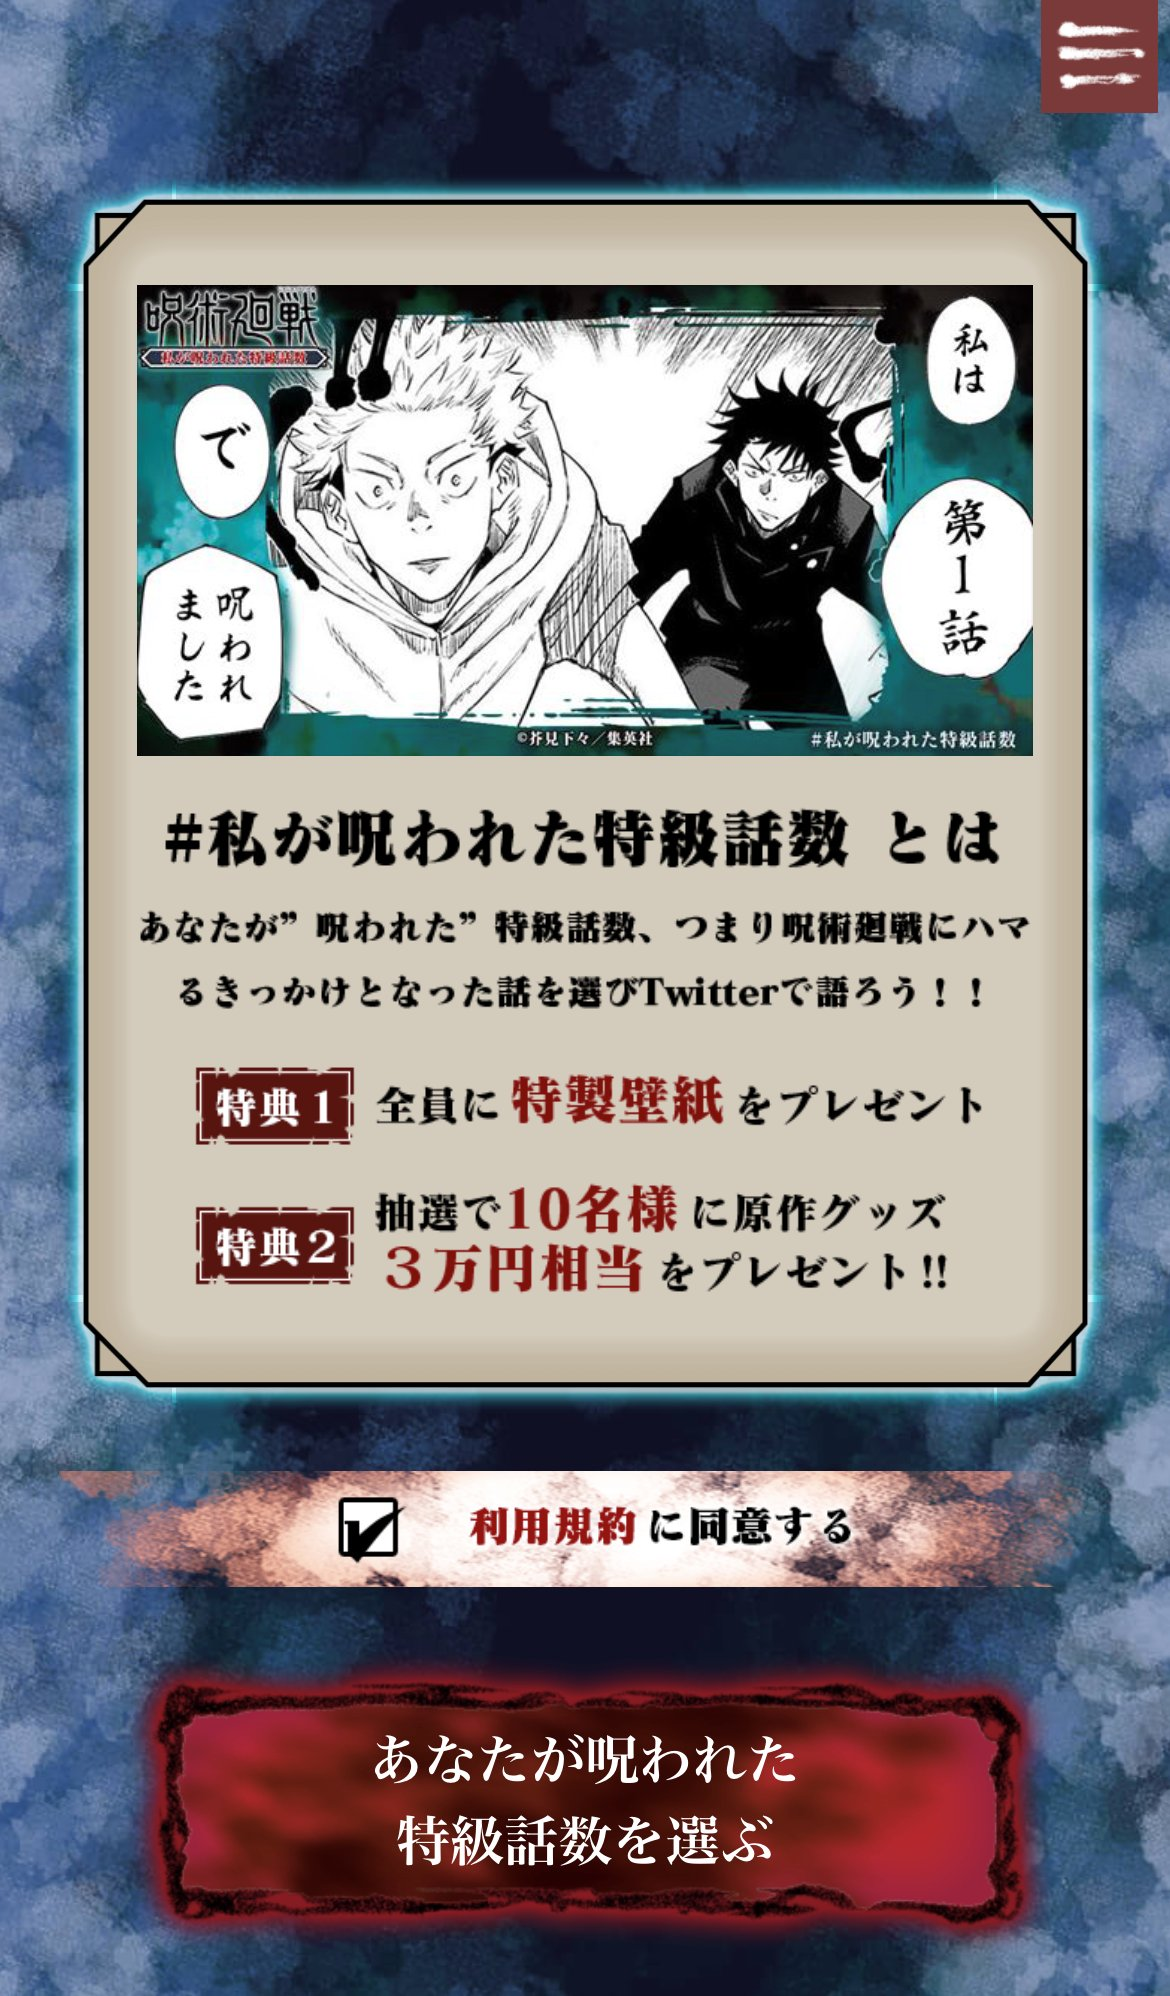 「呪術廻戦」特設サイト「私が呪われた特級話数」1